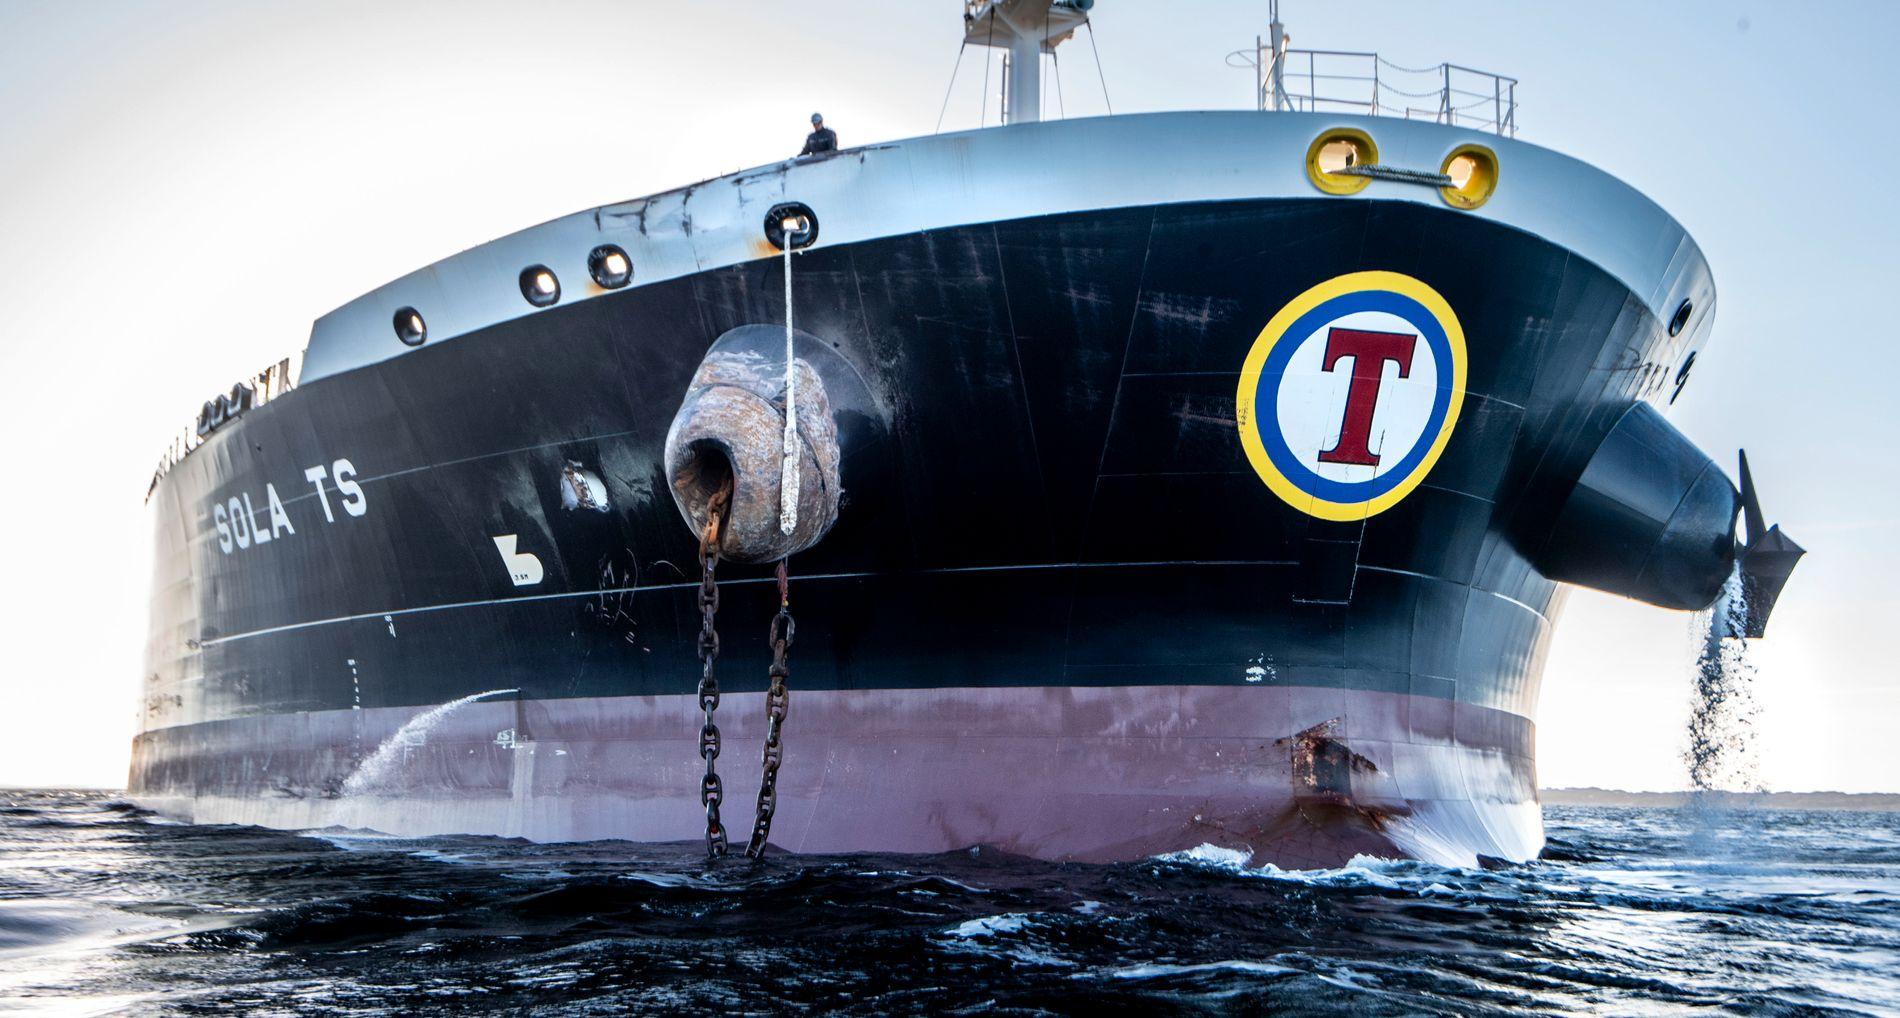 GJORDE FEIL: Råoljetankeren «Sola TS» fikk mindre skader etter kollisjonen med fregatten KNM «Helge Ingstad». Men den kan likevel bli tildelt en god del skyldansvar for ulykken.